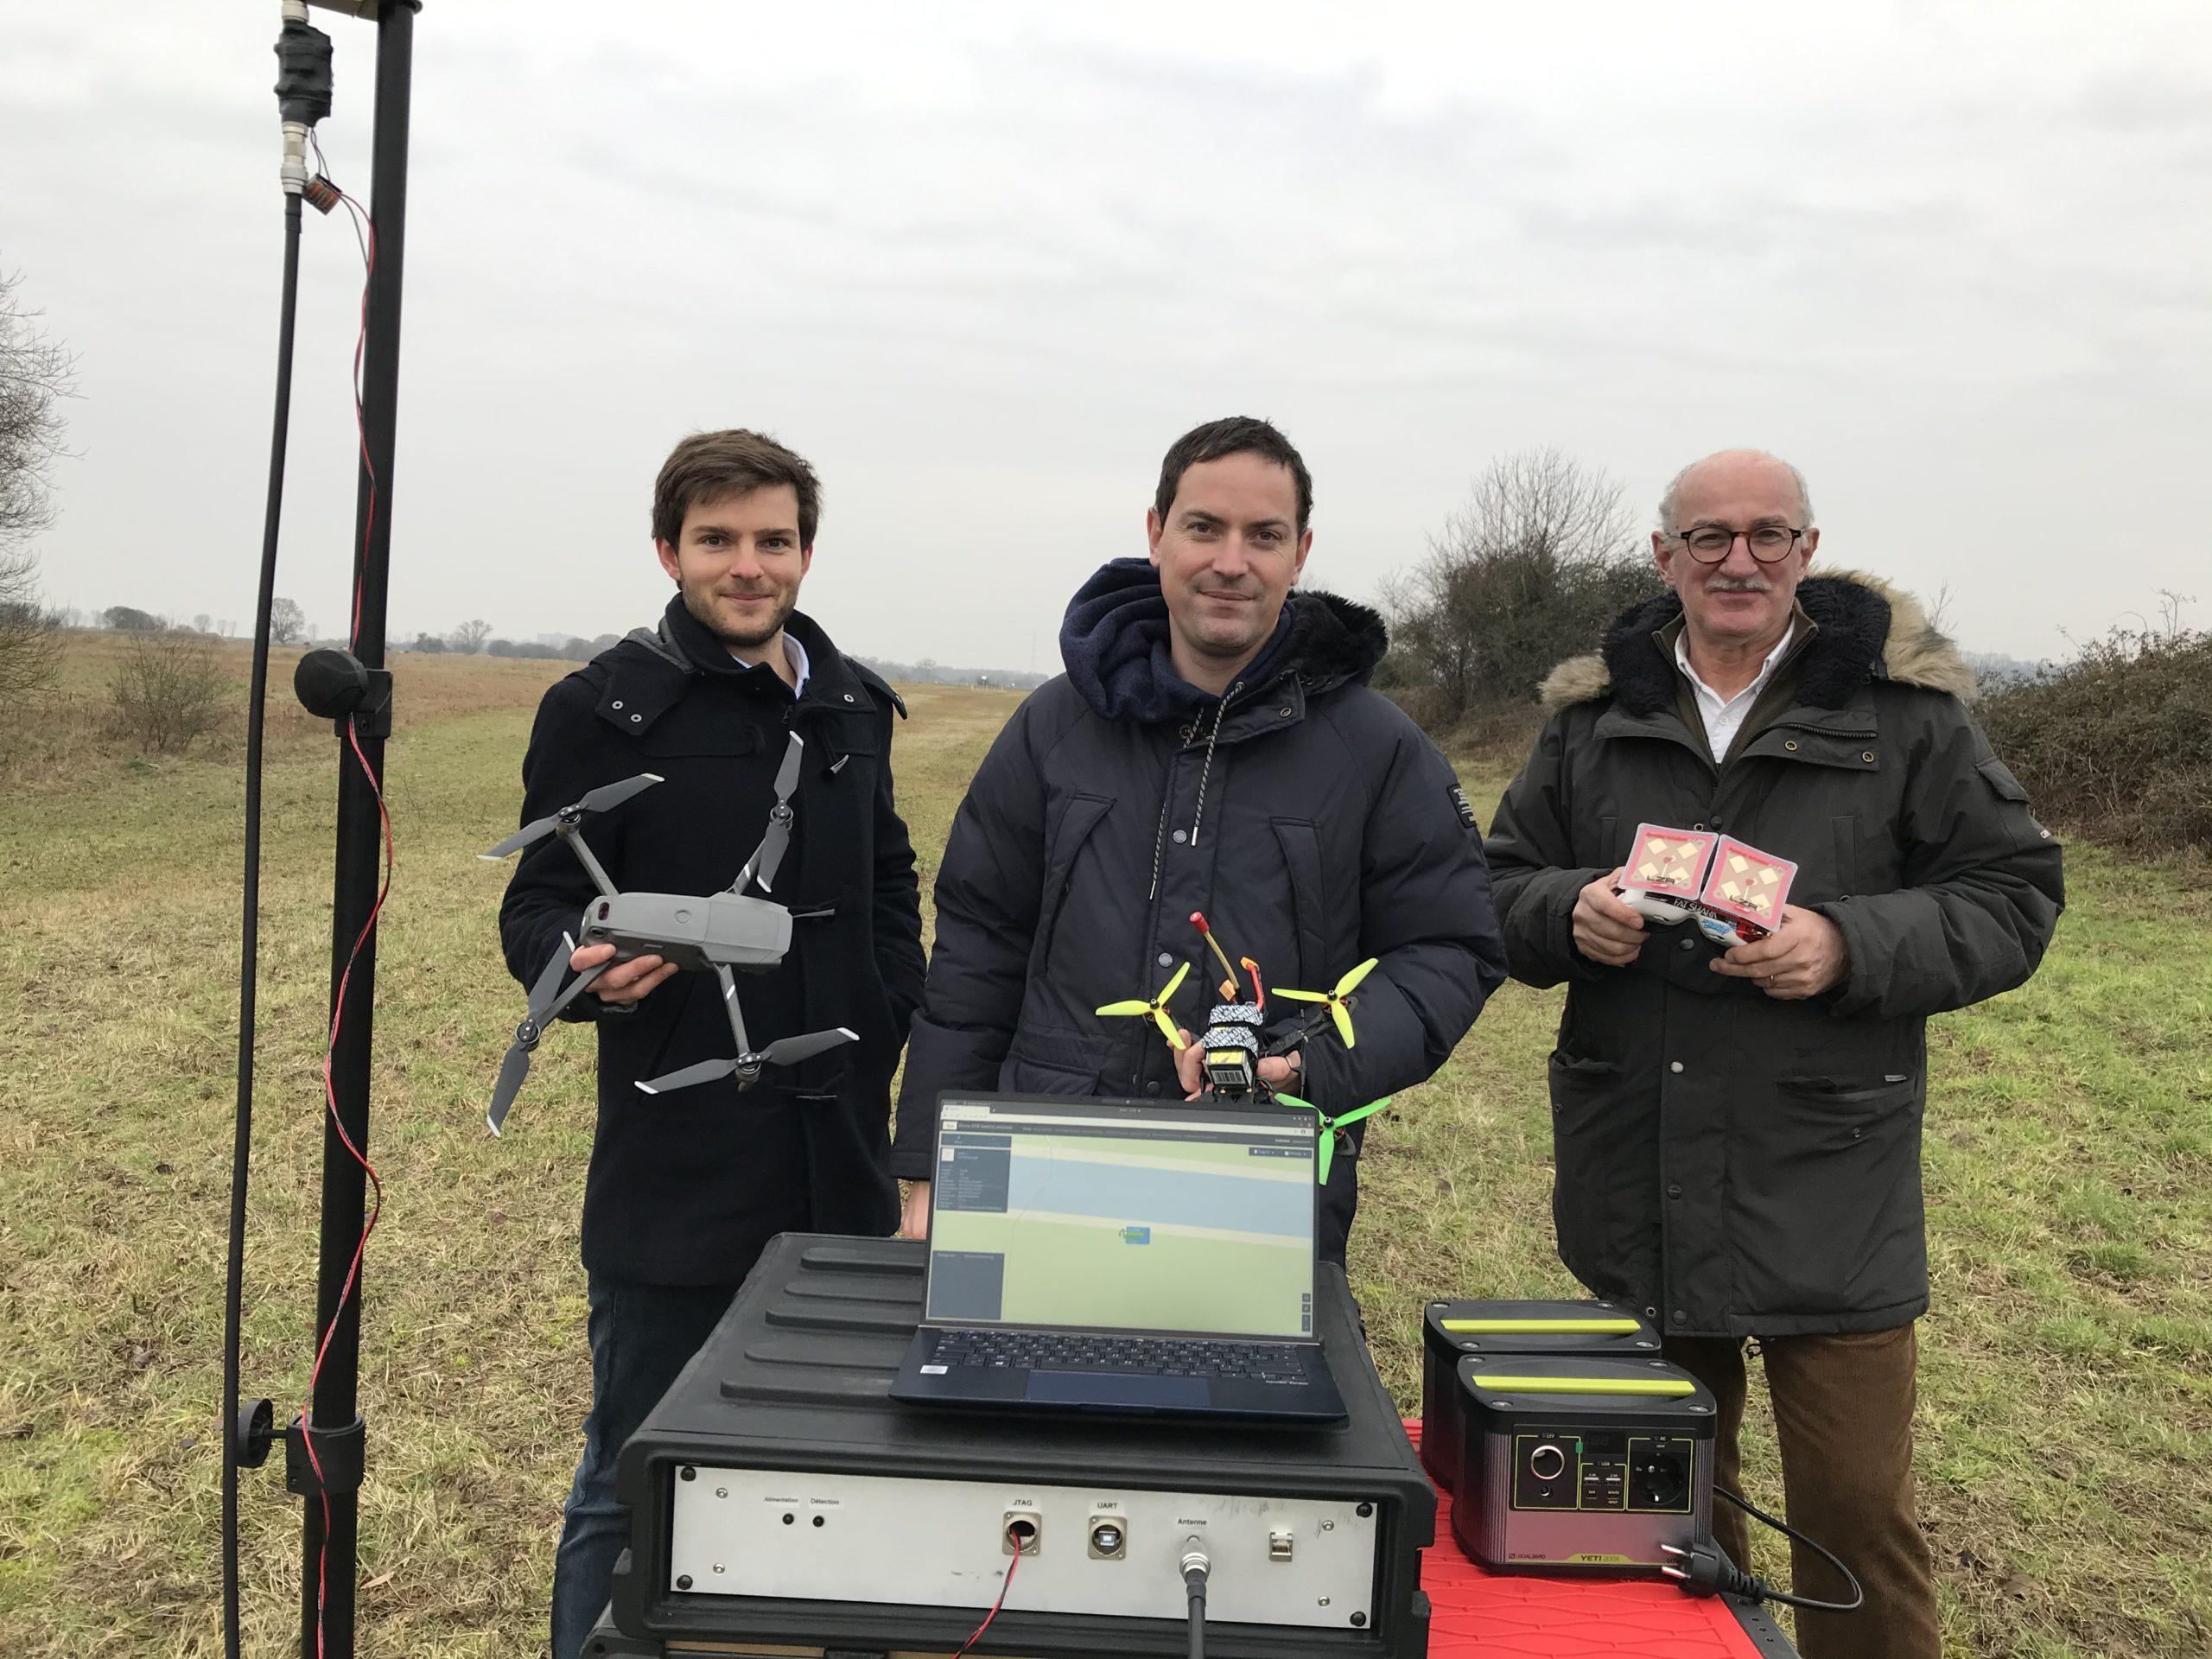 Image de l'article Drone XTR (76) expérimente un nouveau service de contrôle de l'espace aérien étendu sur des complexes industriels